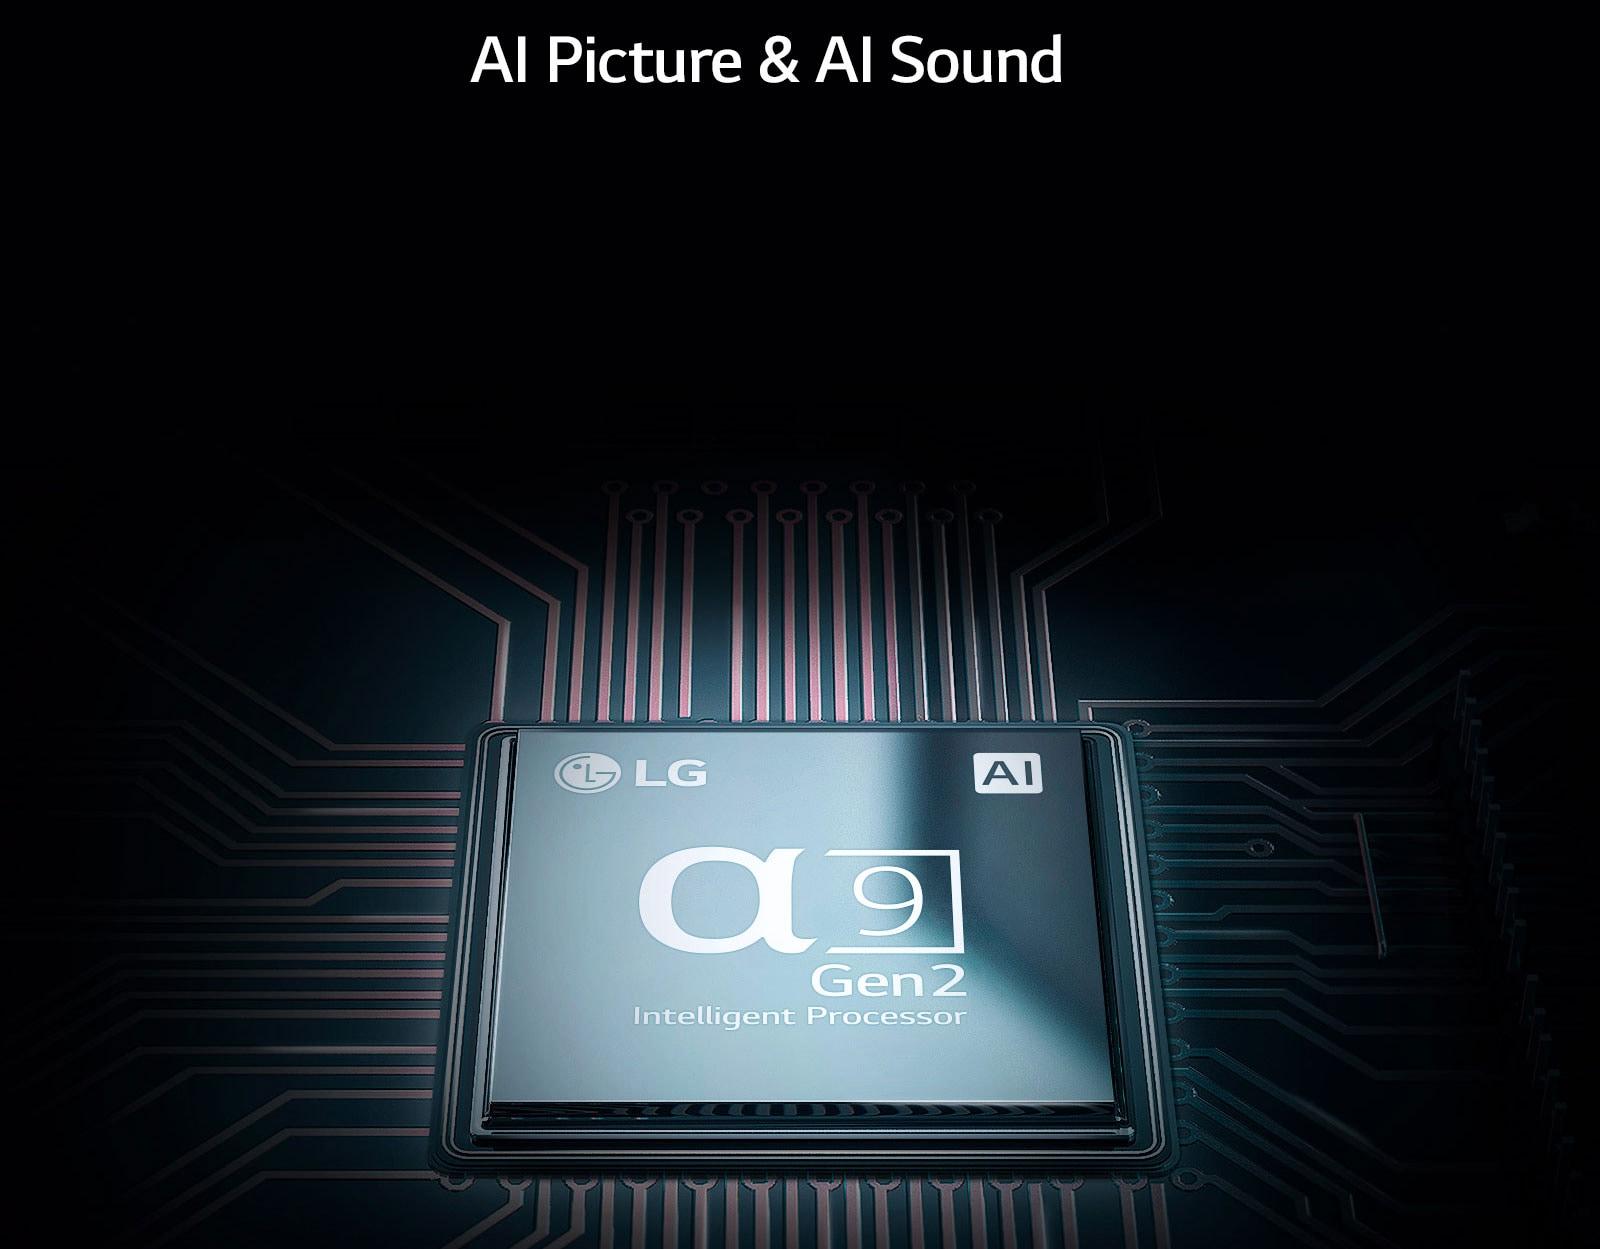 TV-OLED-C9-01-Alpha9-Gen-2-Desktop_V01